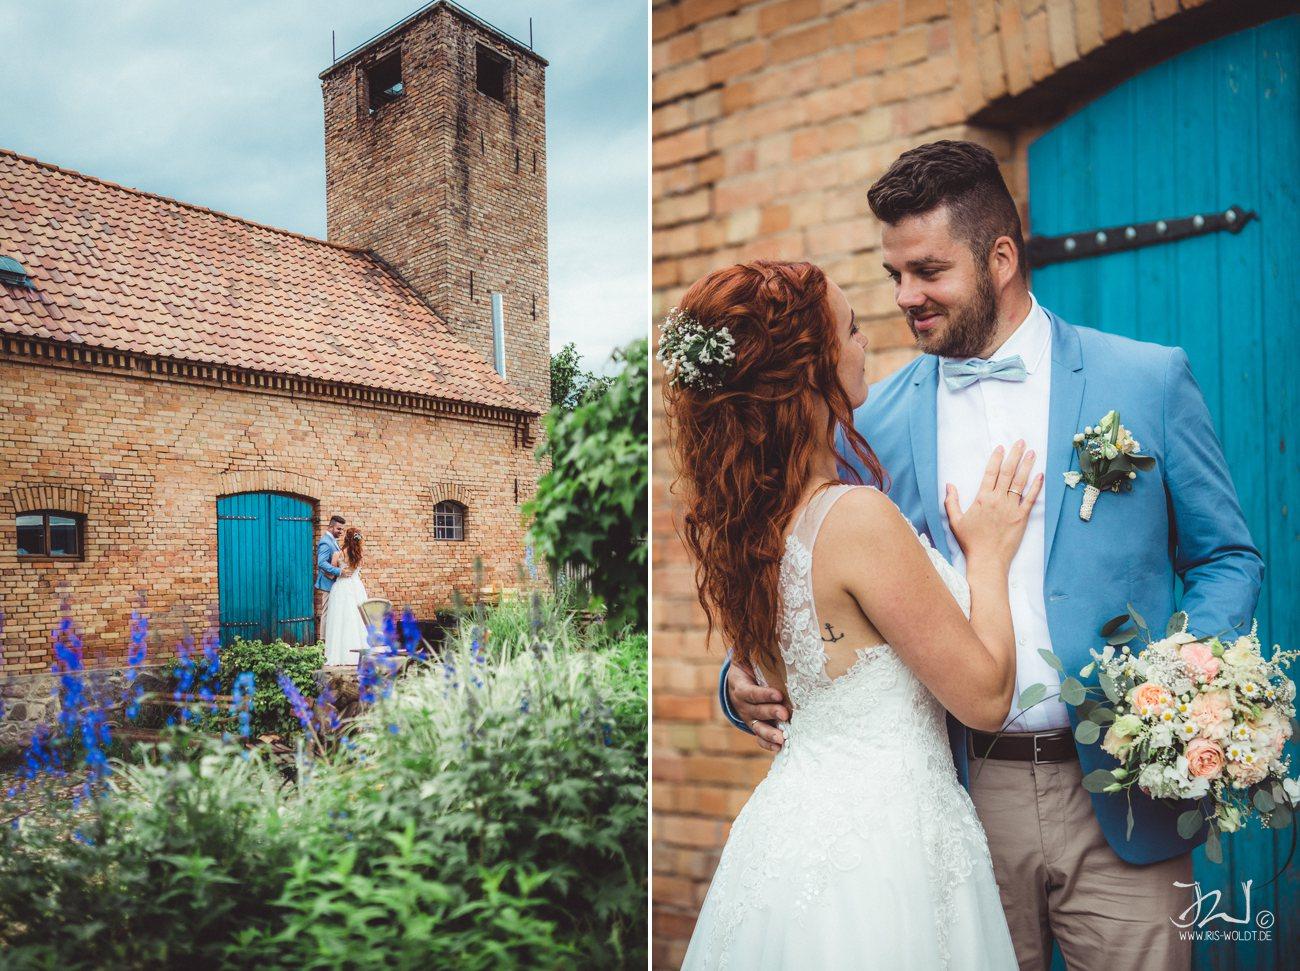 Hochzeitsfotograf_Altthymen_MuehleTornow_IrisWoldt 72